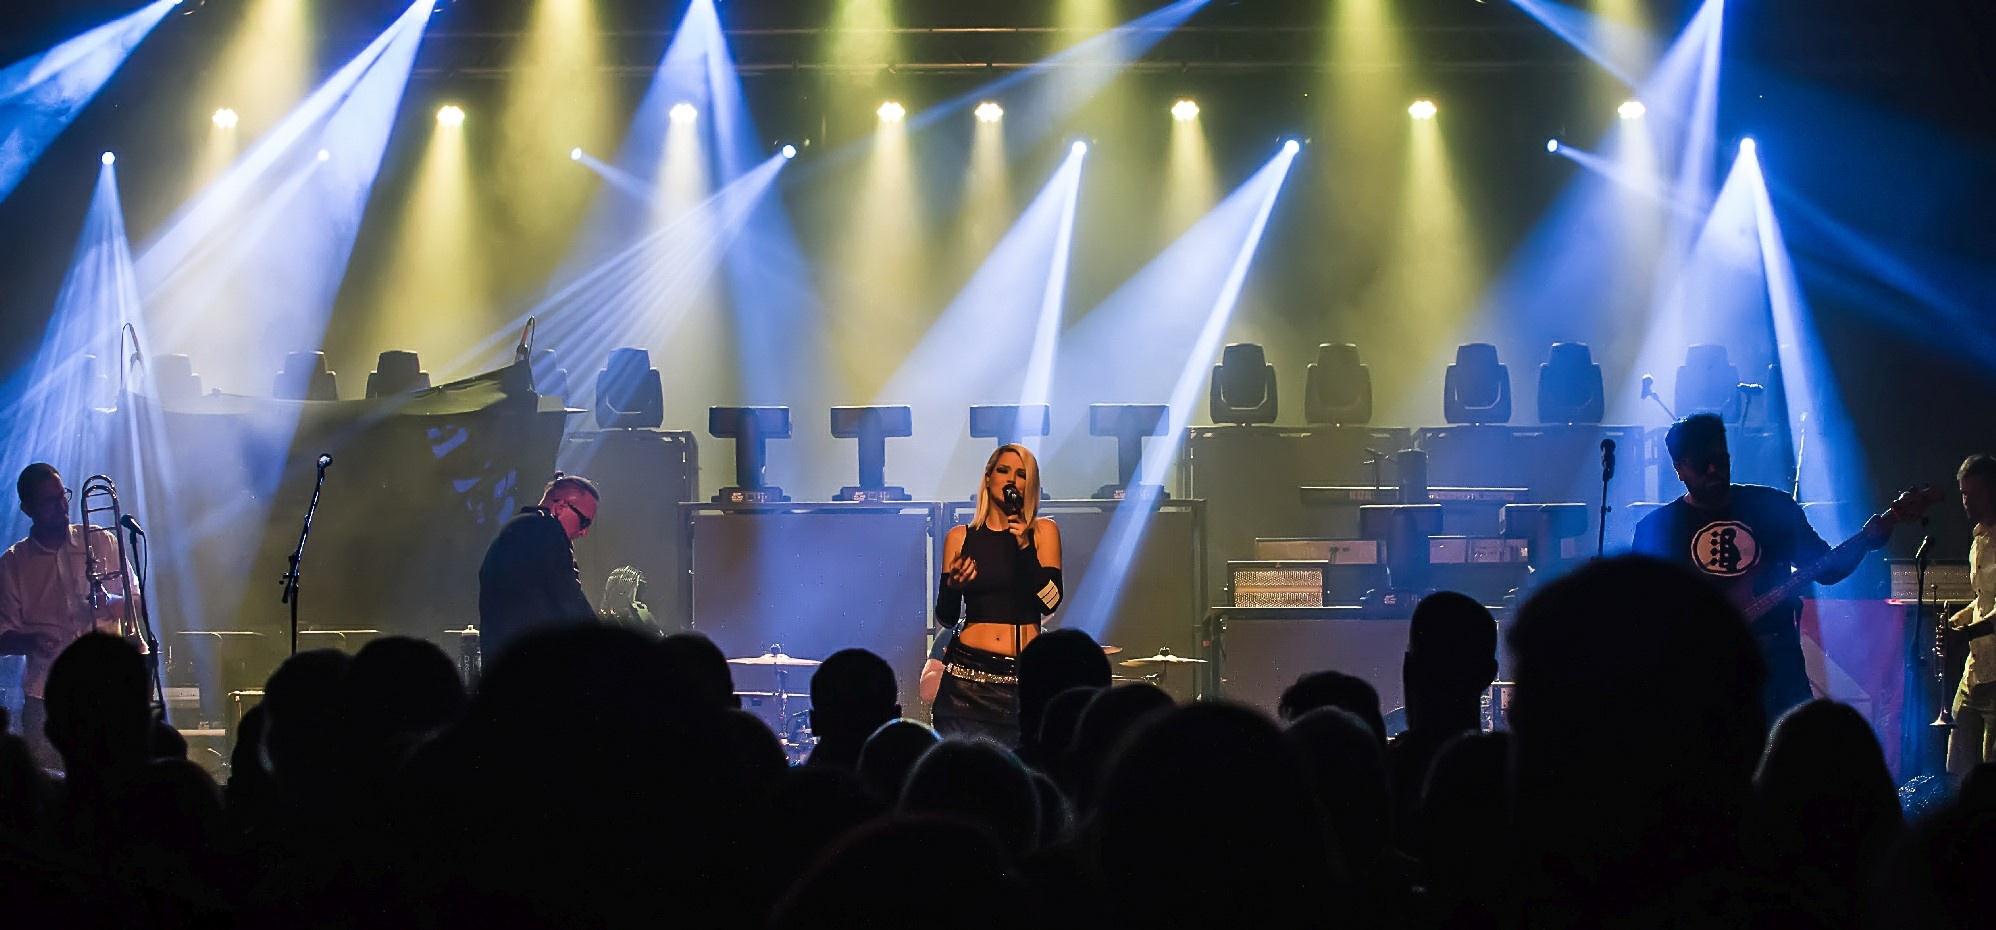 sugarloaf_koncert_foto_tolgyesi_norbert.jpg